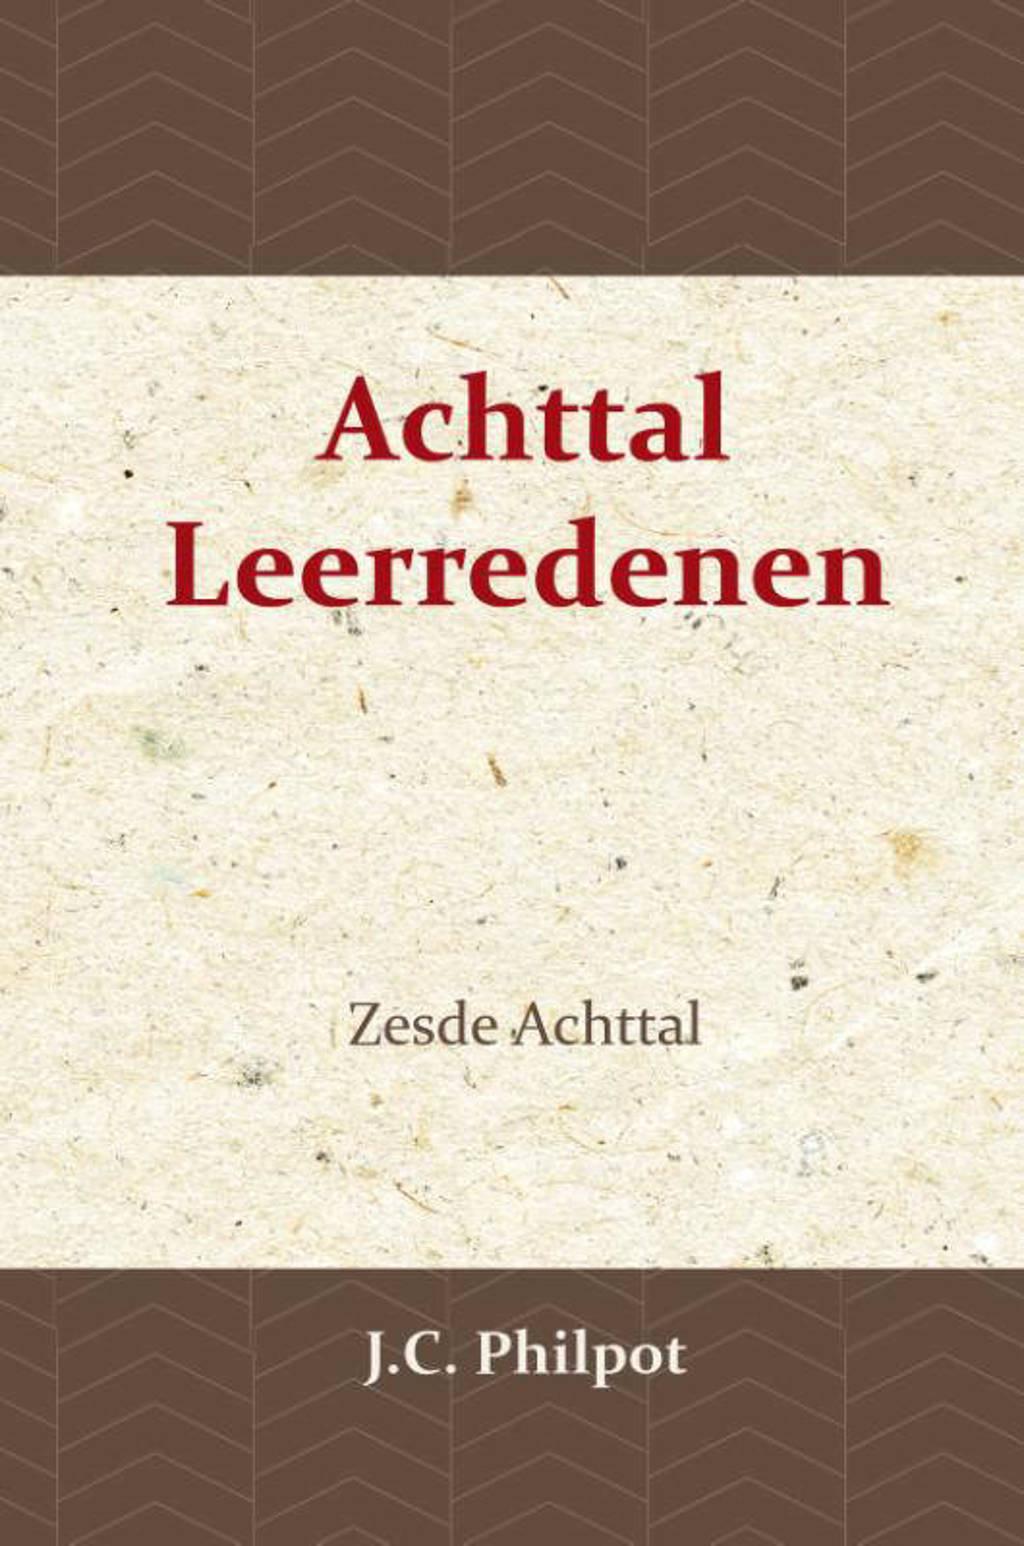 Zesde Achttal Leerredenen - J.C. Philpot